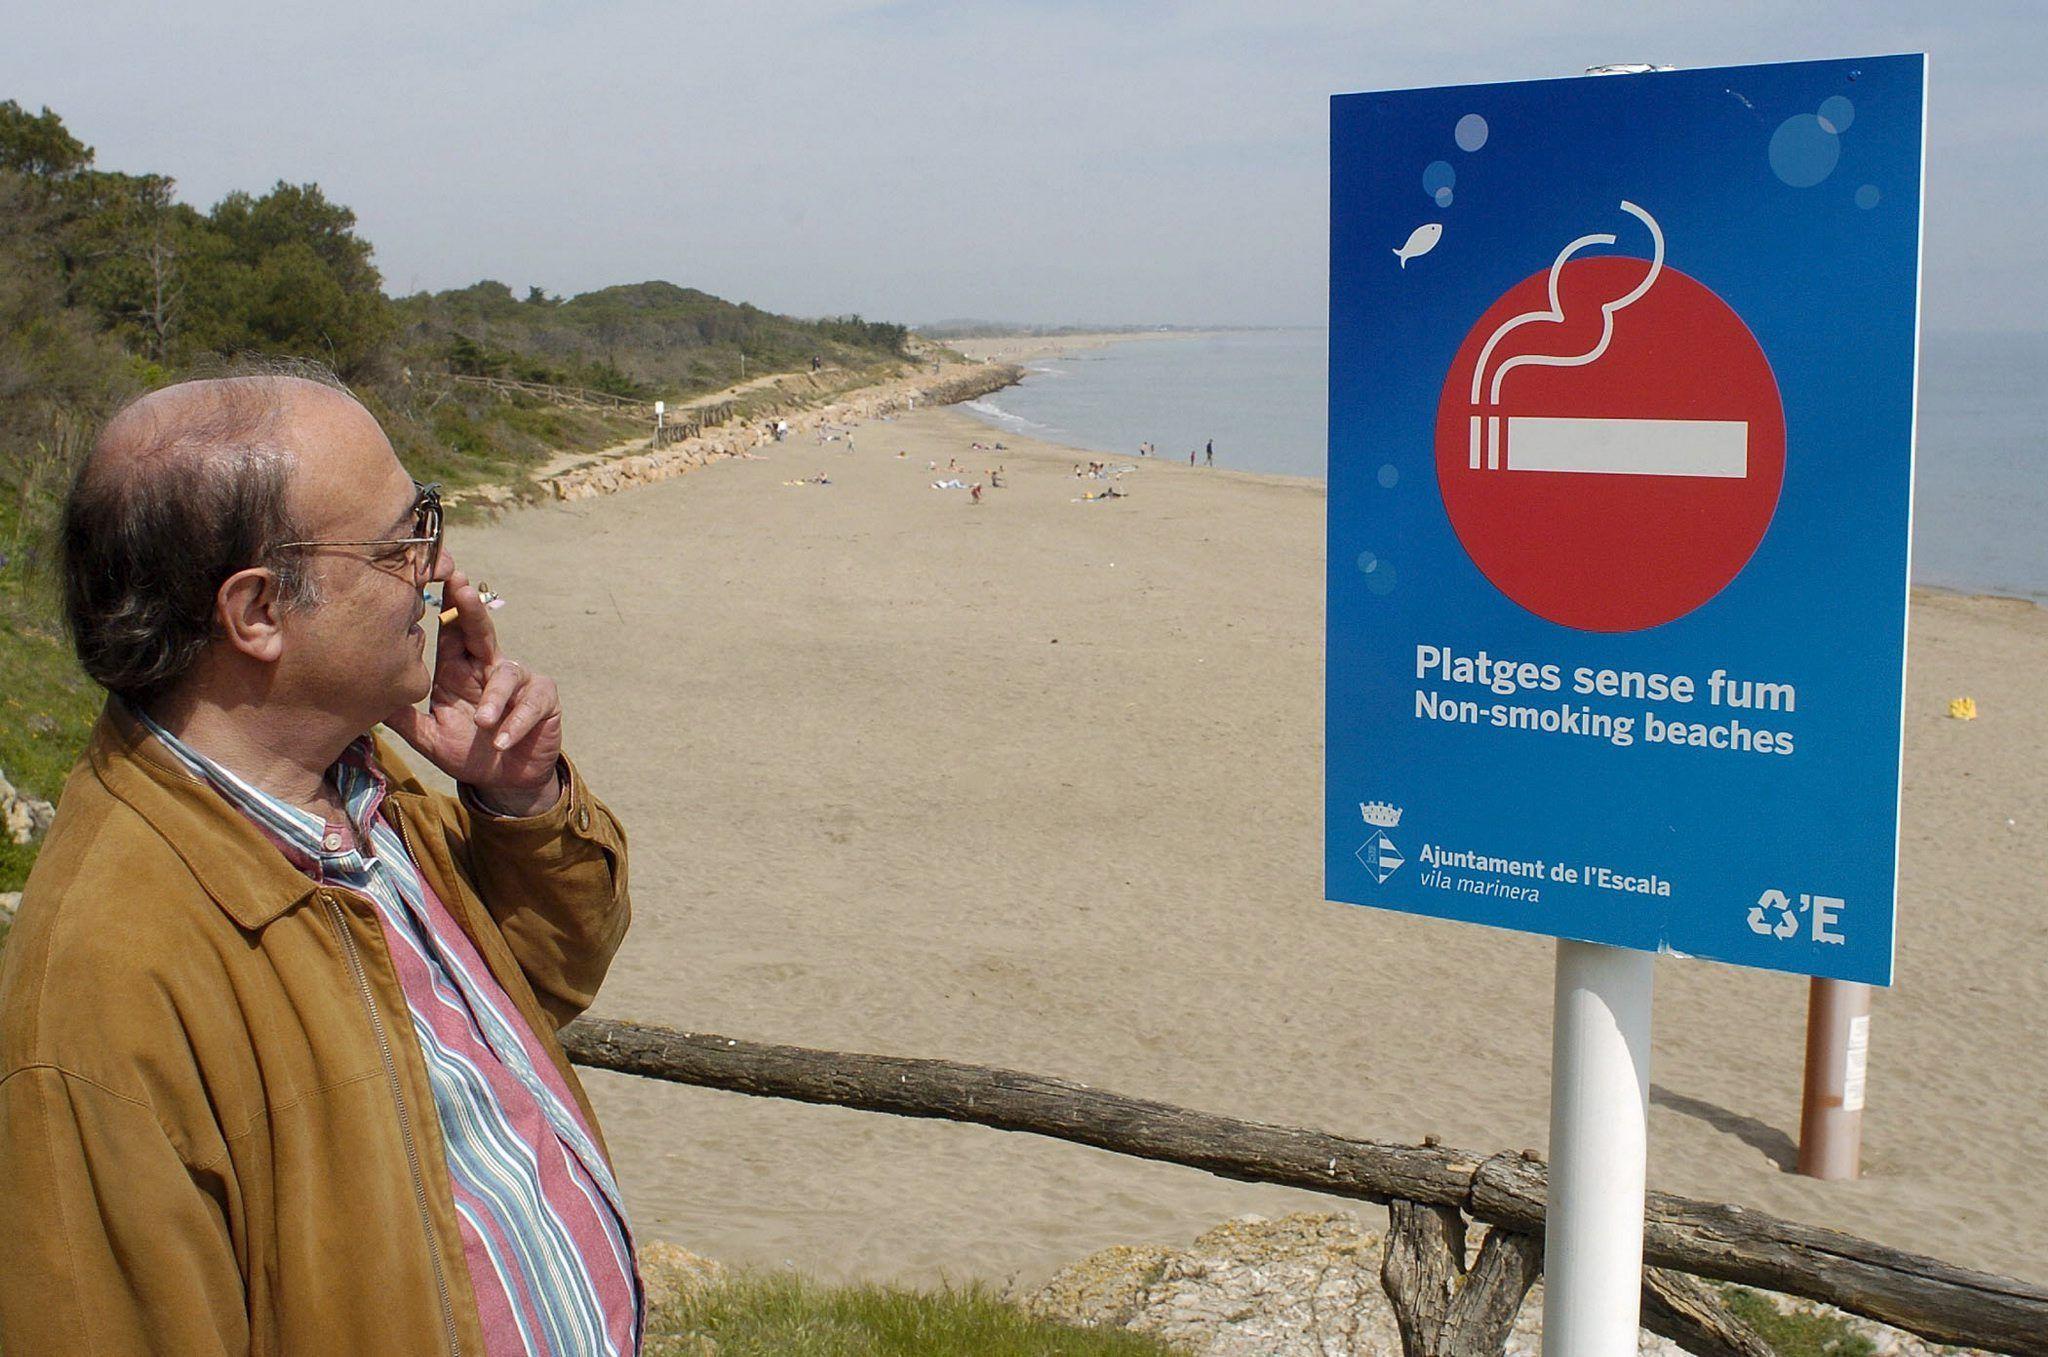 Divieto di fumo in spiaggia: la proposta del Codacons